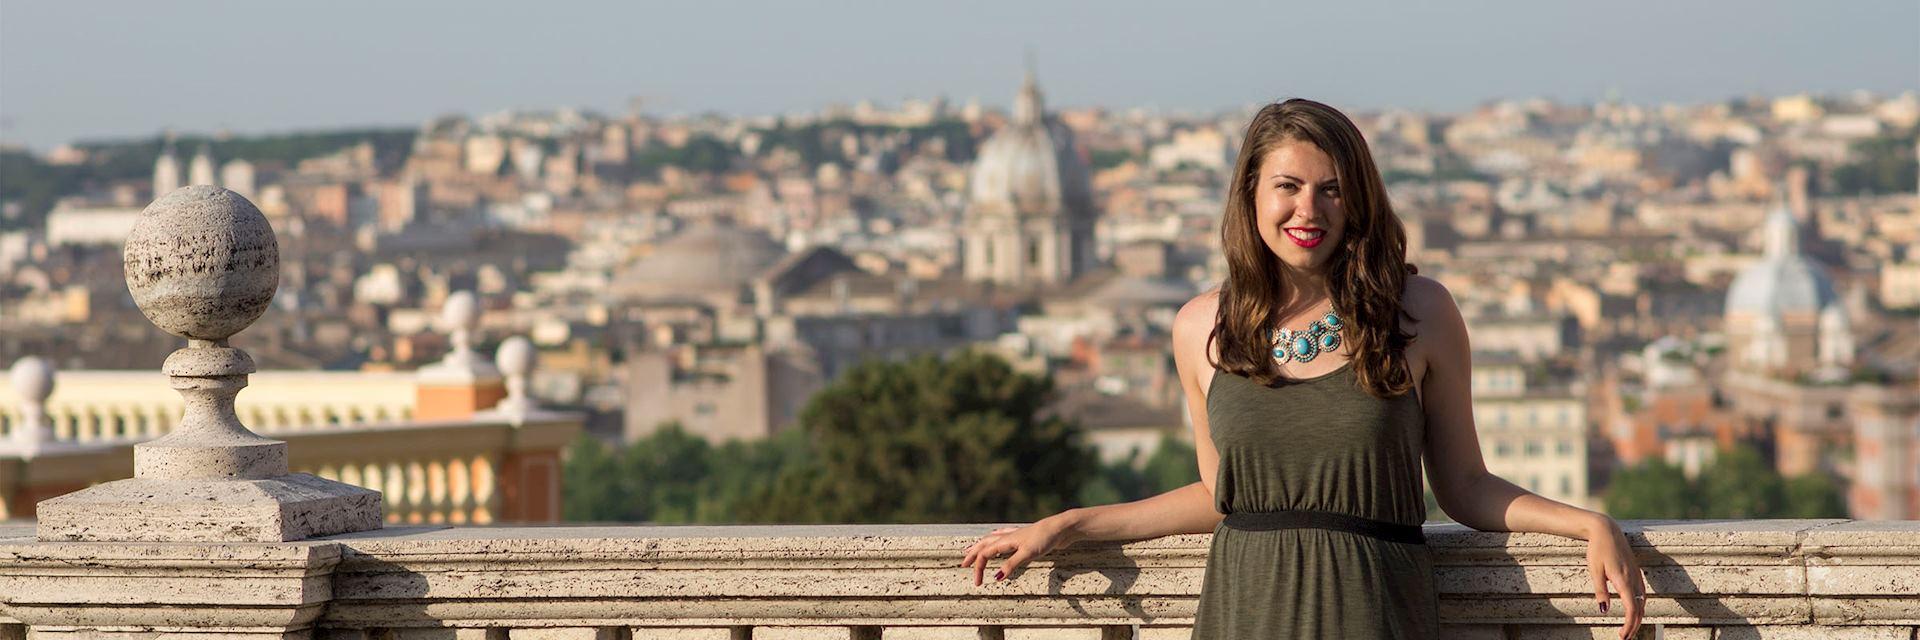 Caroline in Rome